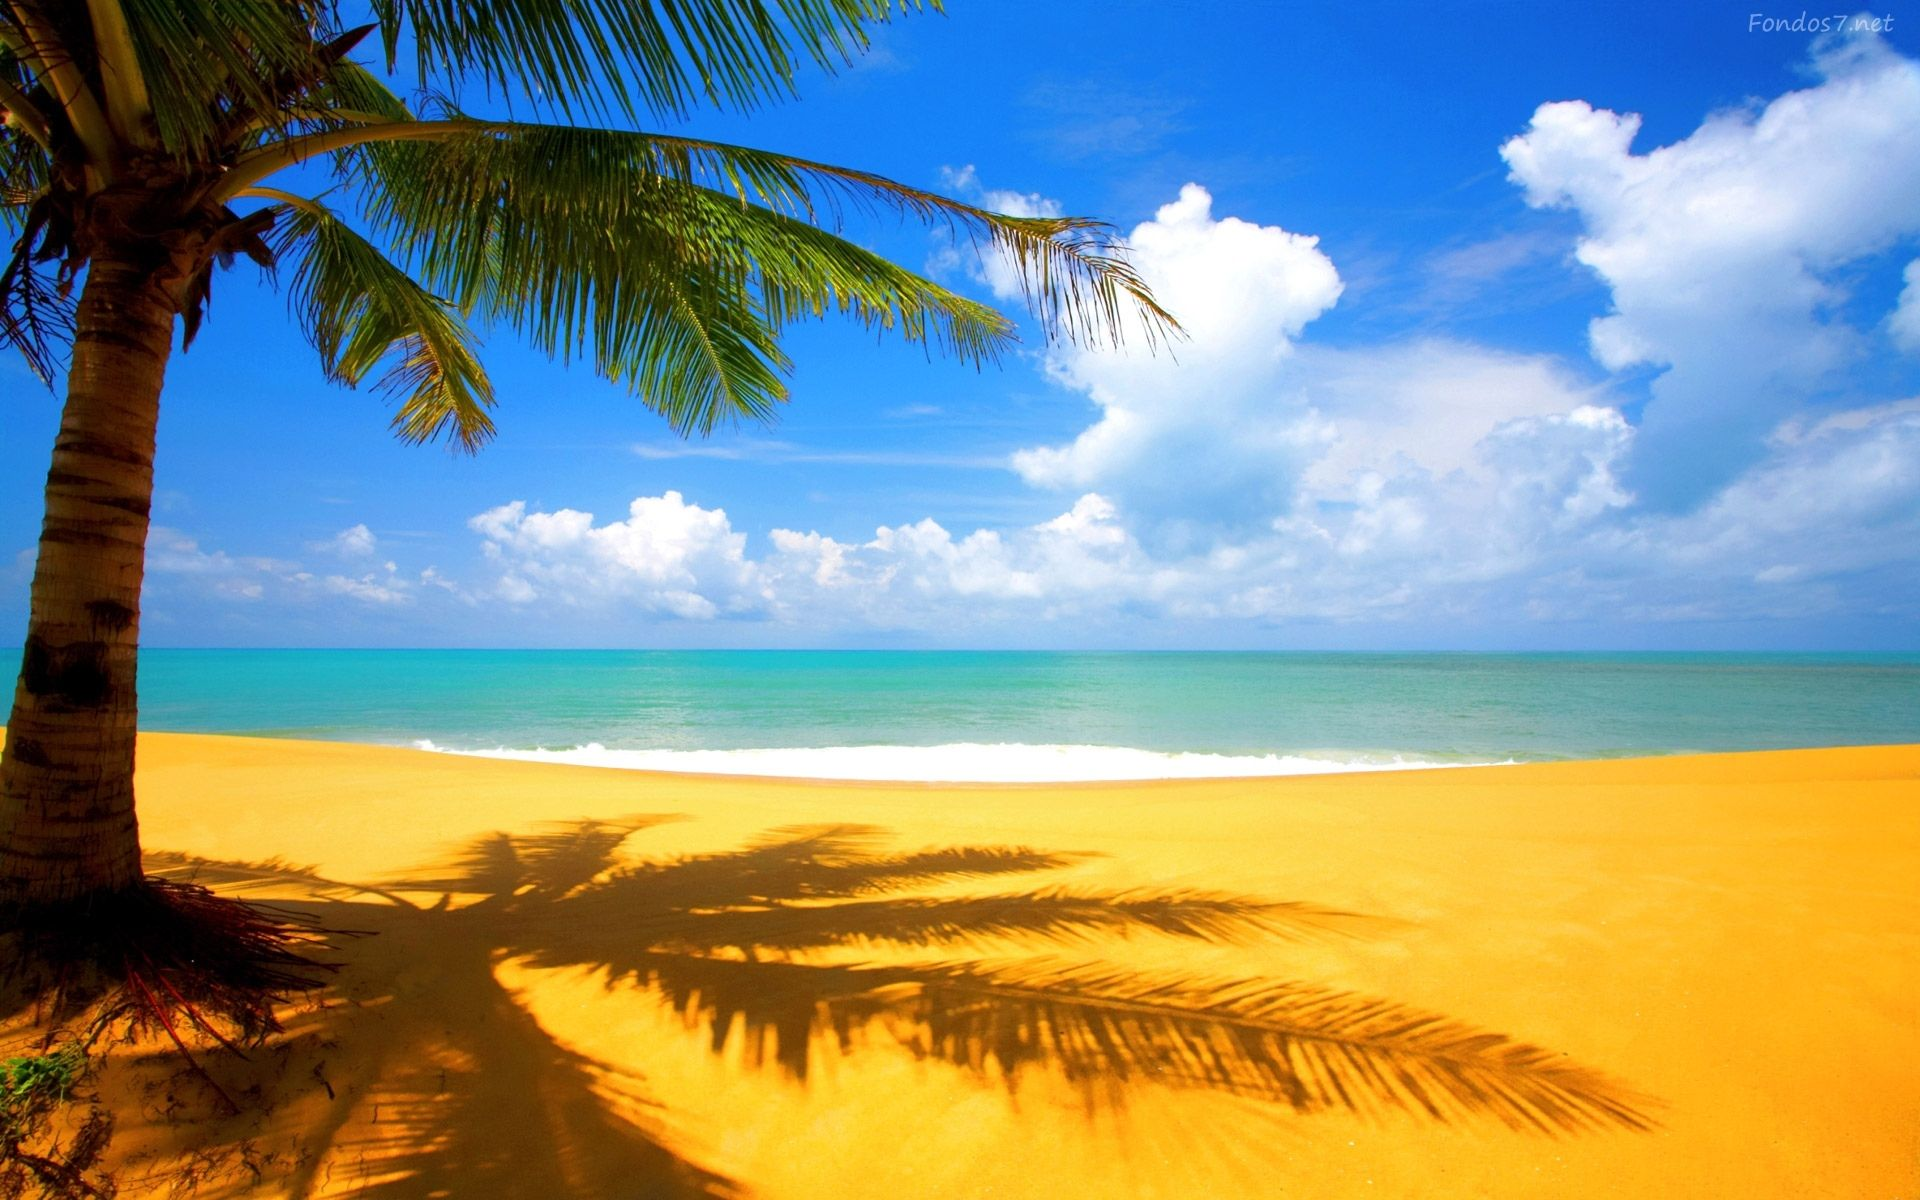 playas hermosas - Buscar con Google